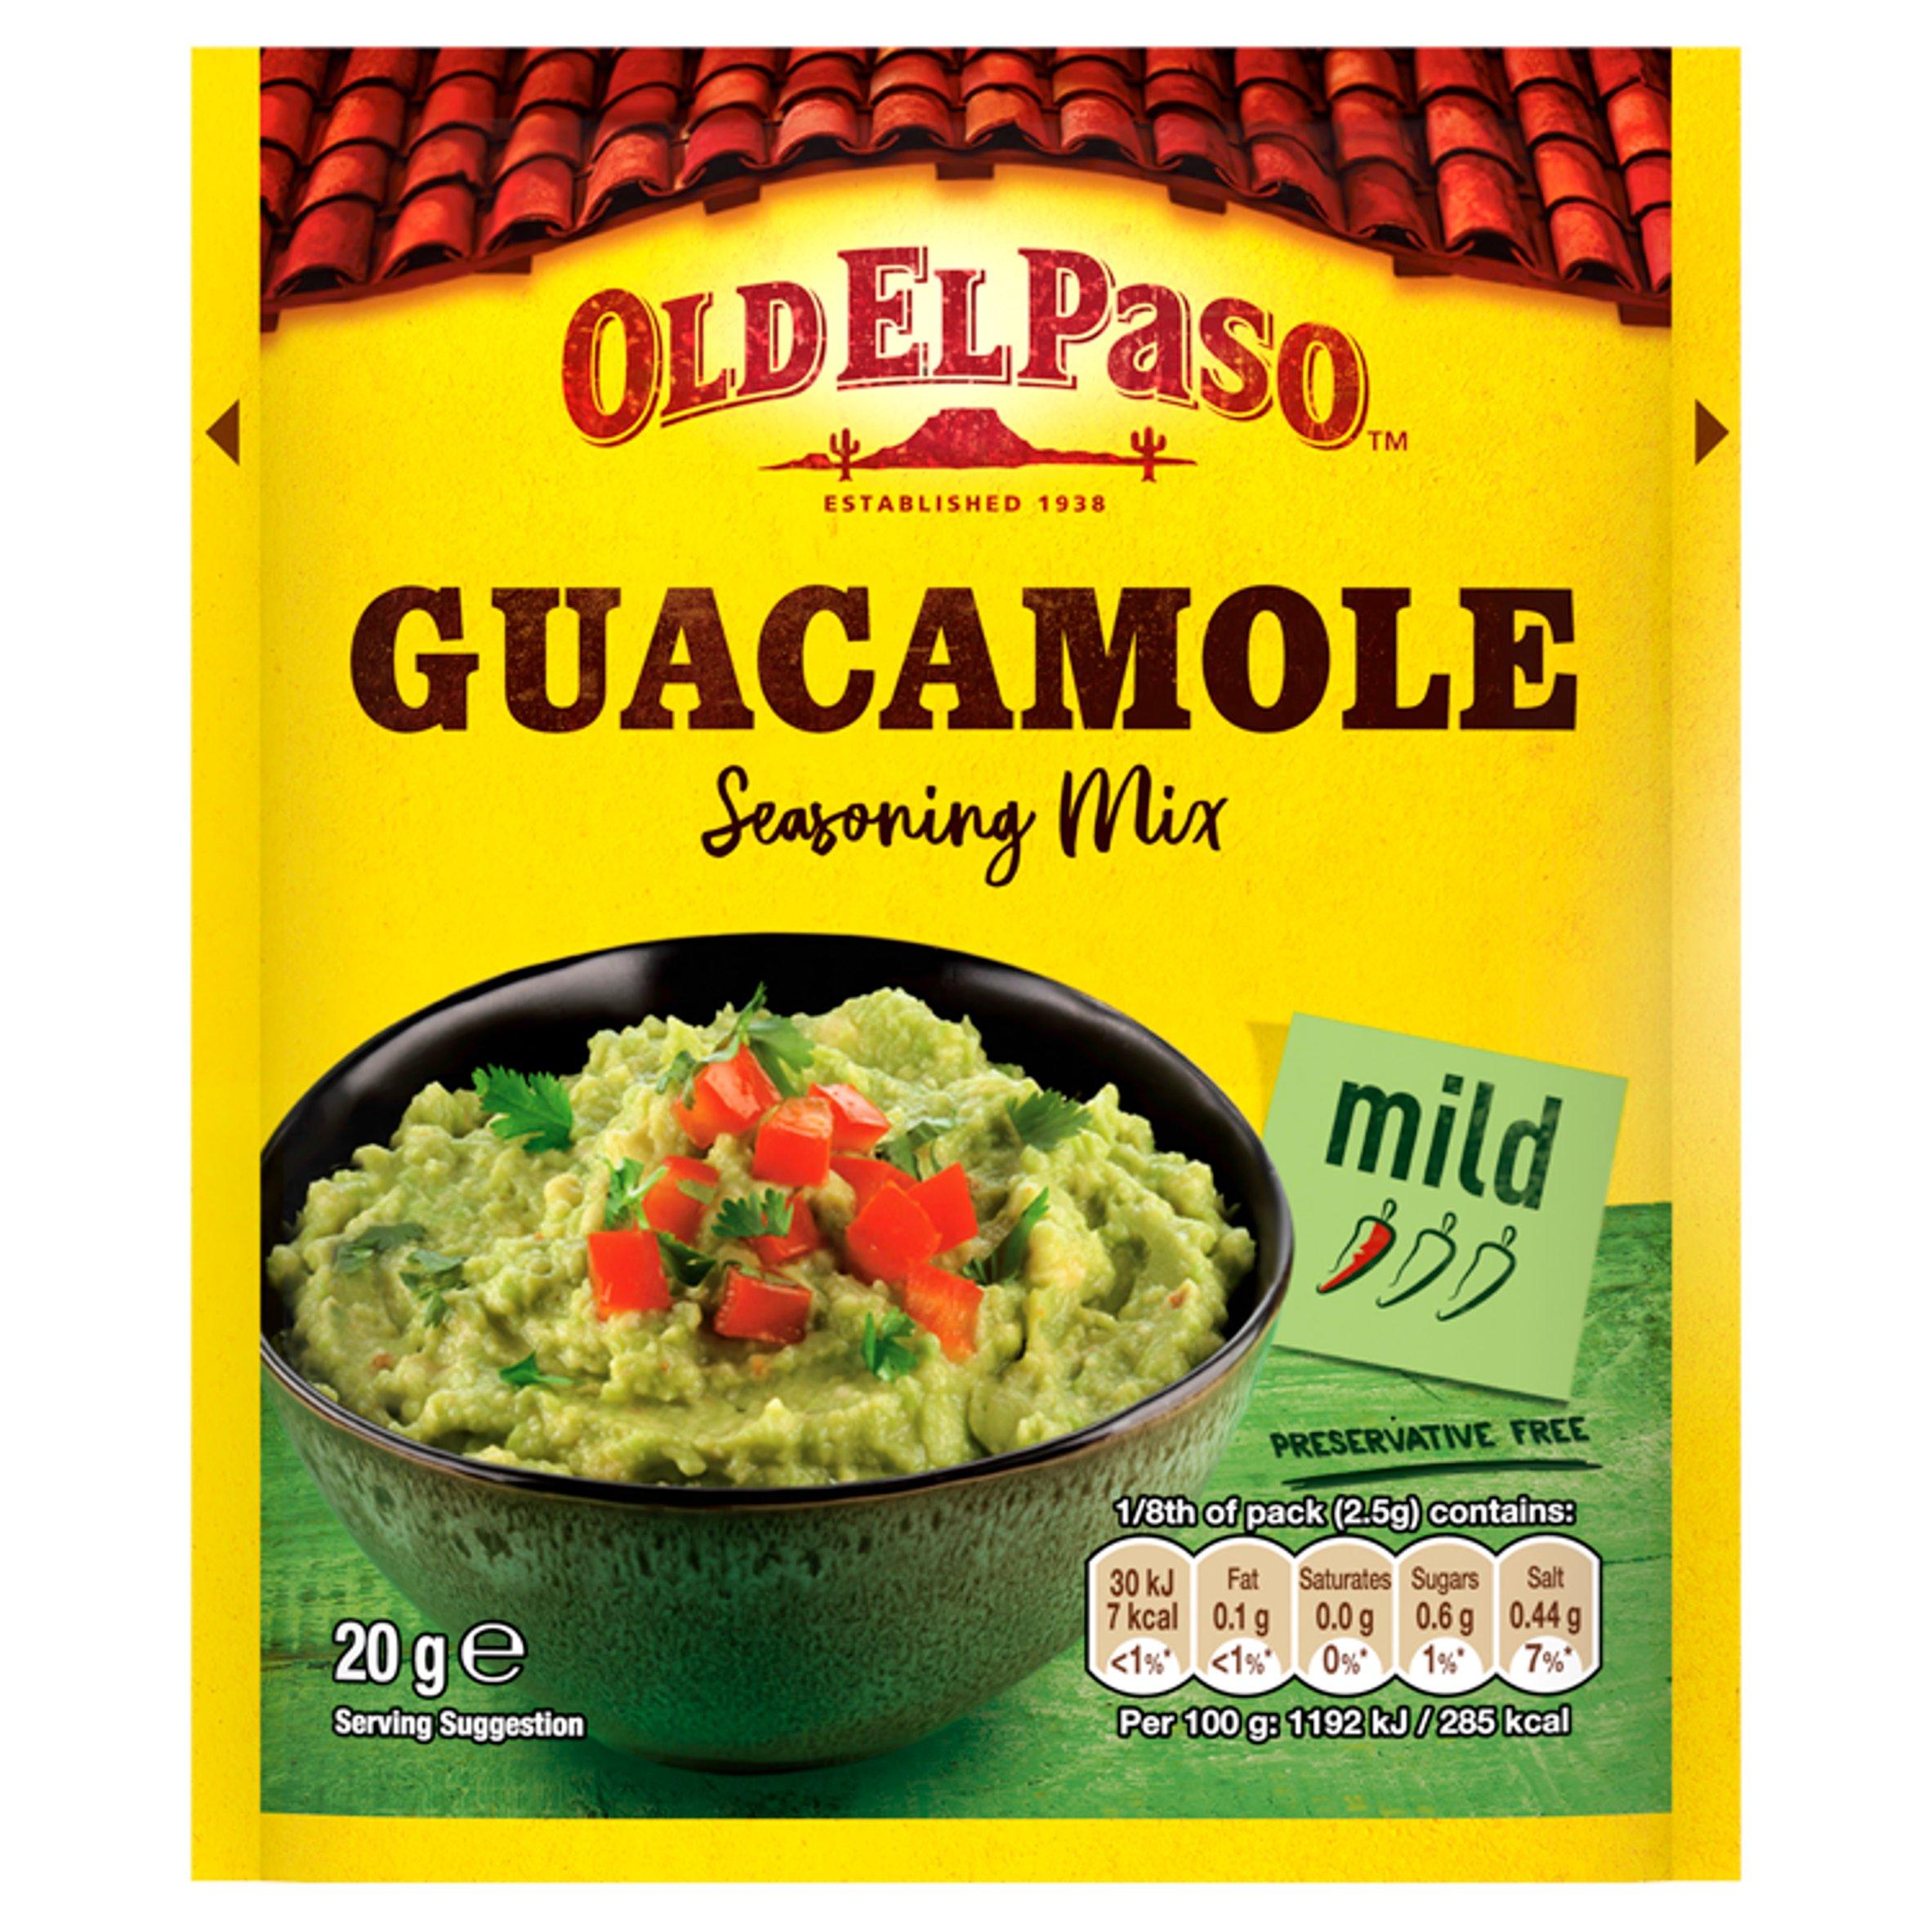 Old El Paso Guacamole Seasoning Mix 20G